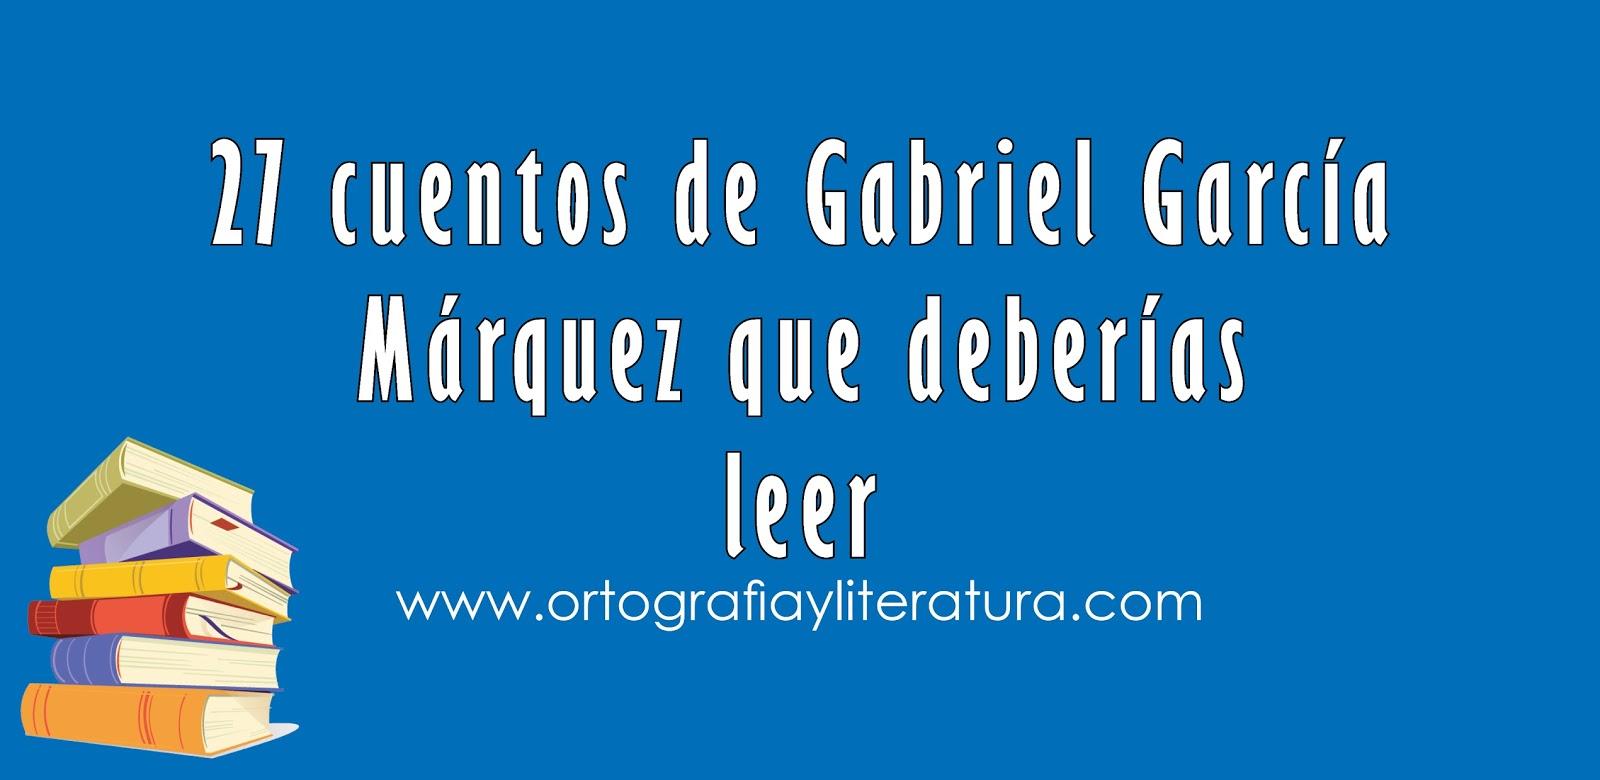 27 cuentos de gabriel garc a m rquez que deber as leer for Cuentos de gabriel garcia marquez